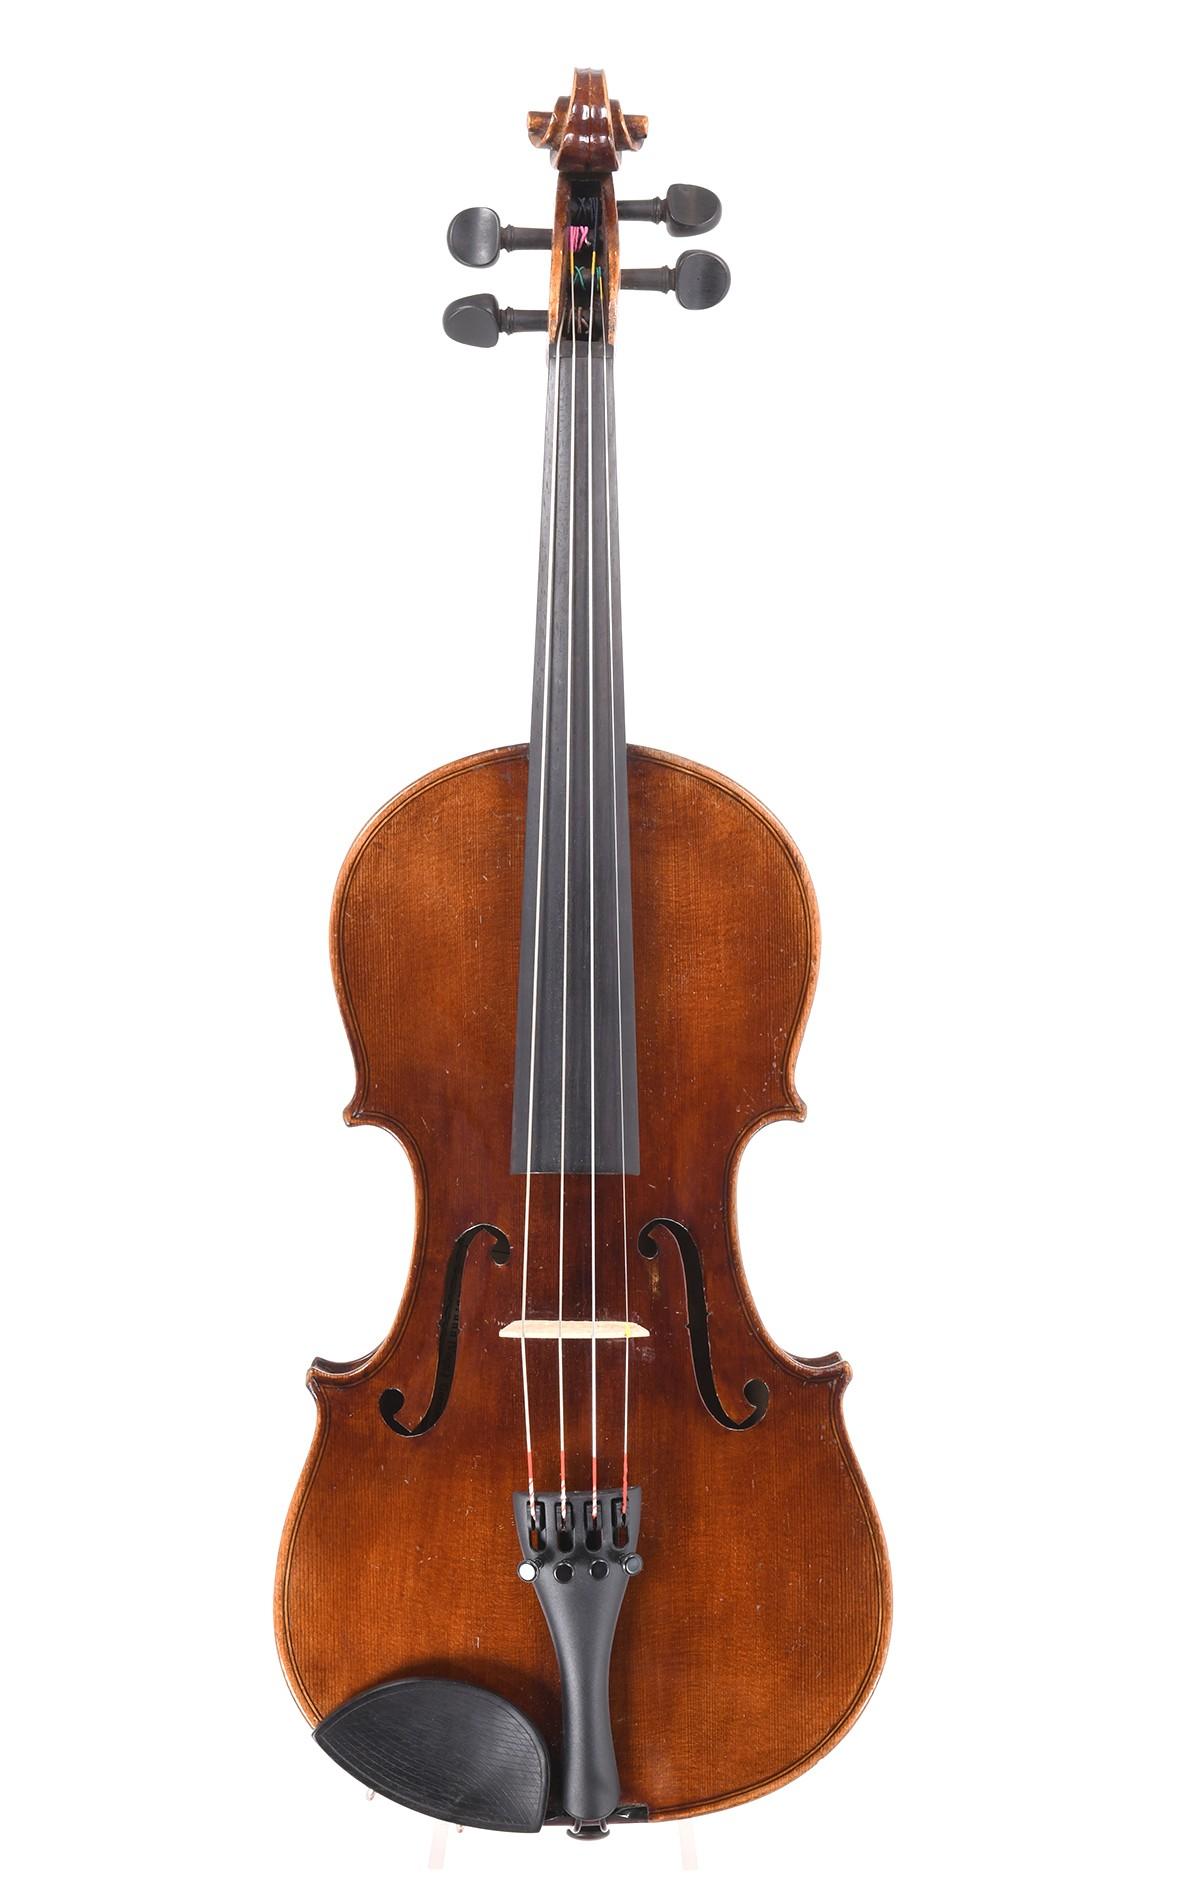 Alte Markneukirchener 3/4 Geige von C. A. Wunderlich, um 1940